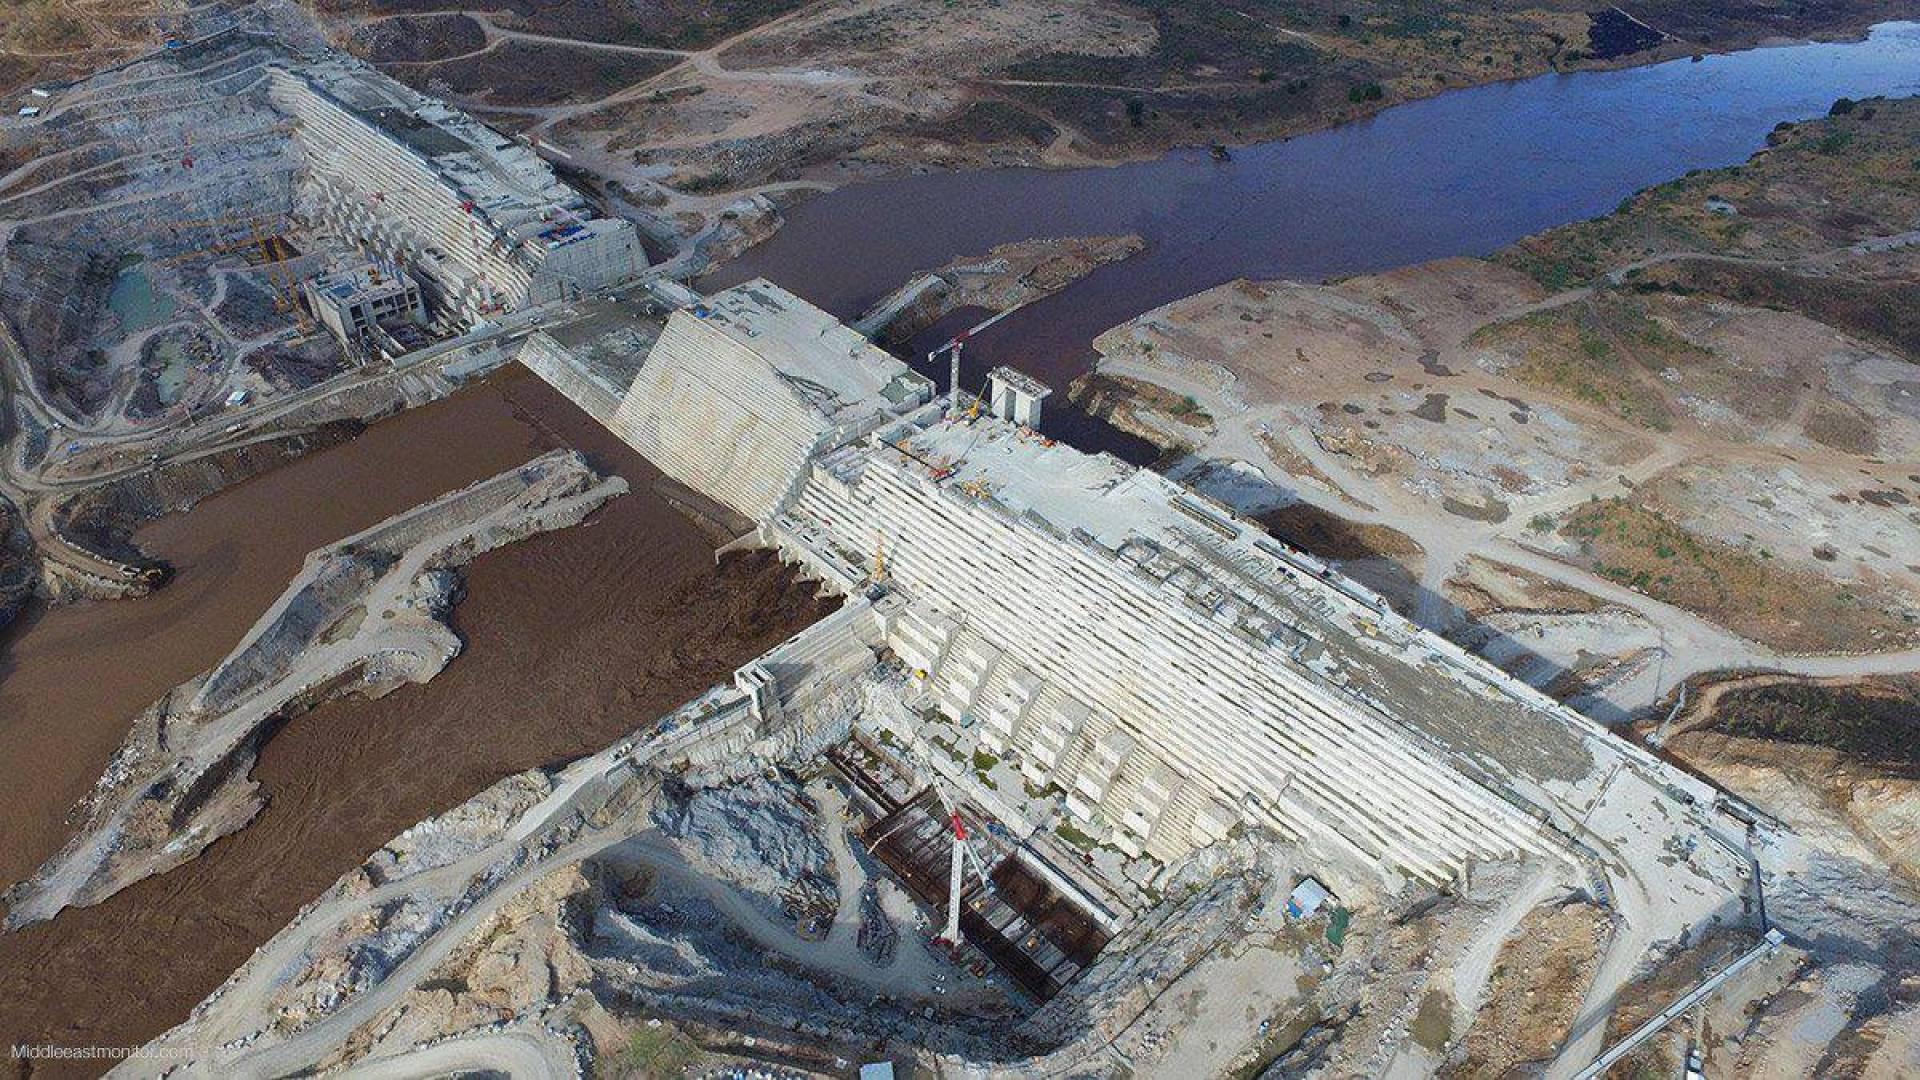 إثيوبيا: مصر تعدت الخط الأحمر في اقتراحات سد النهضة